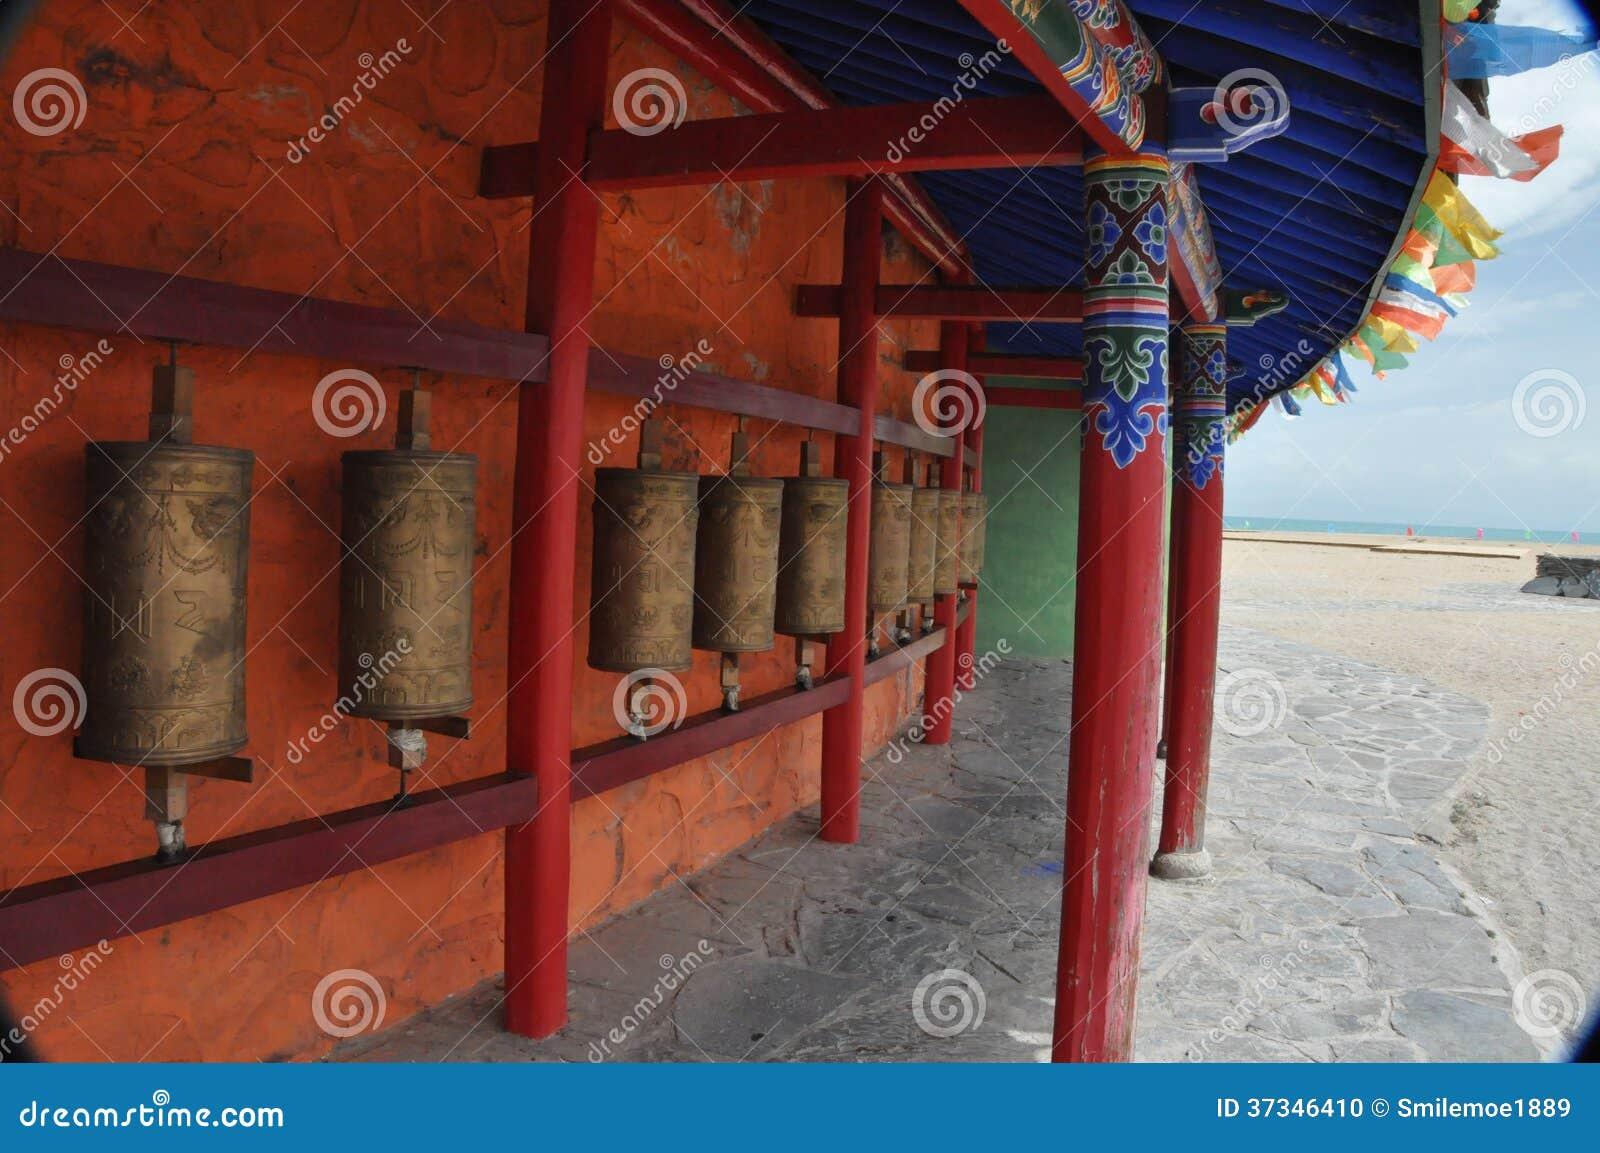 Tíbet da vuelta a los barriles